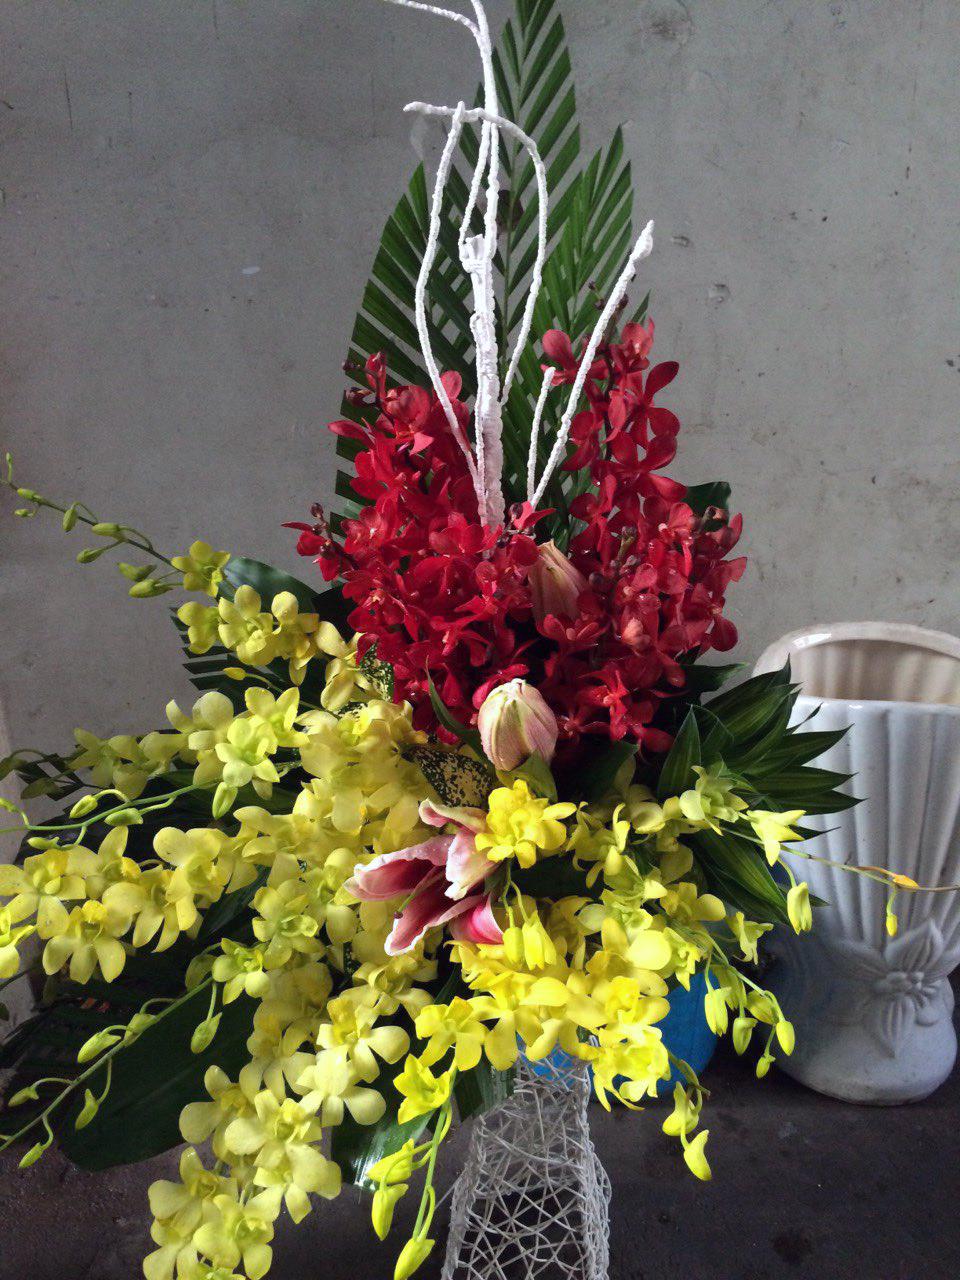 Giỏ hoa tươi Vững Vàng nhiệt huyết tuổi trẻ